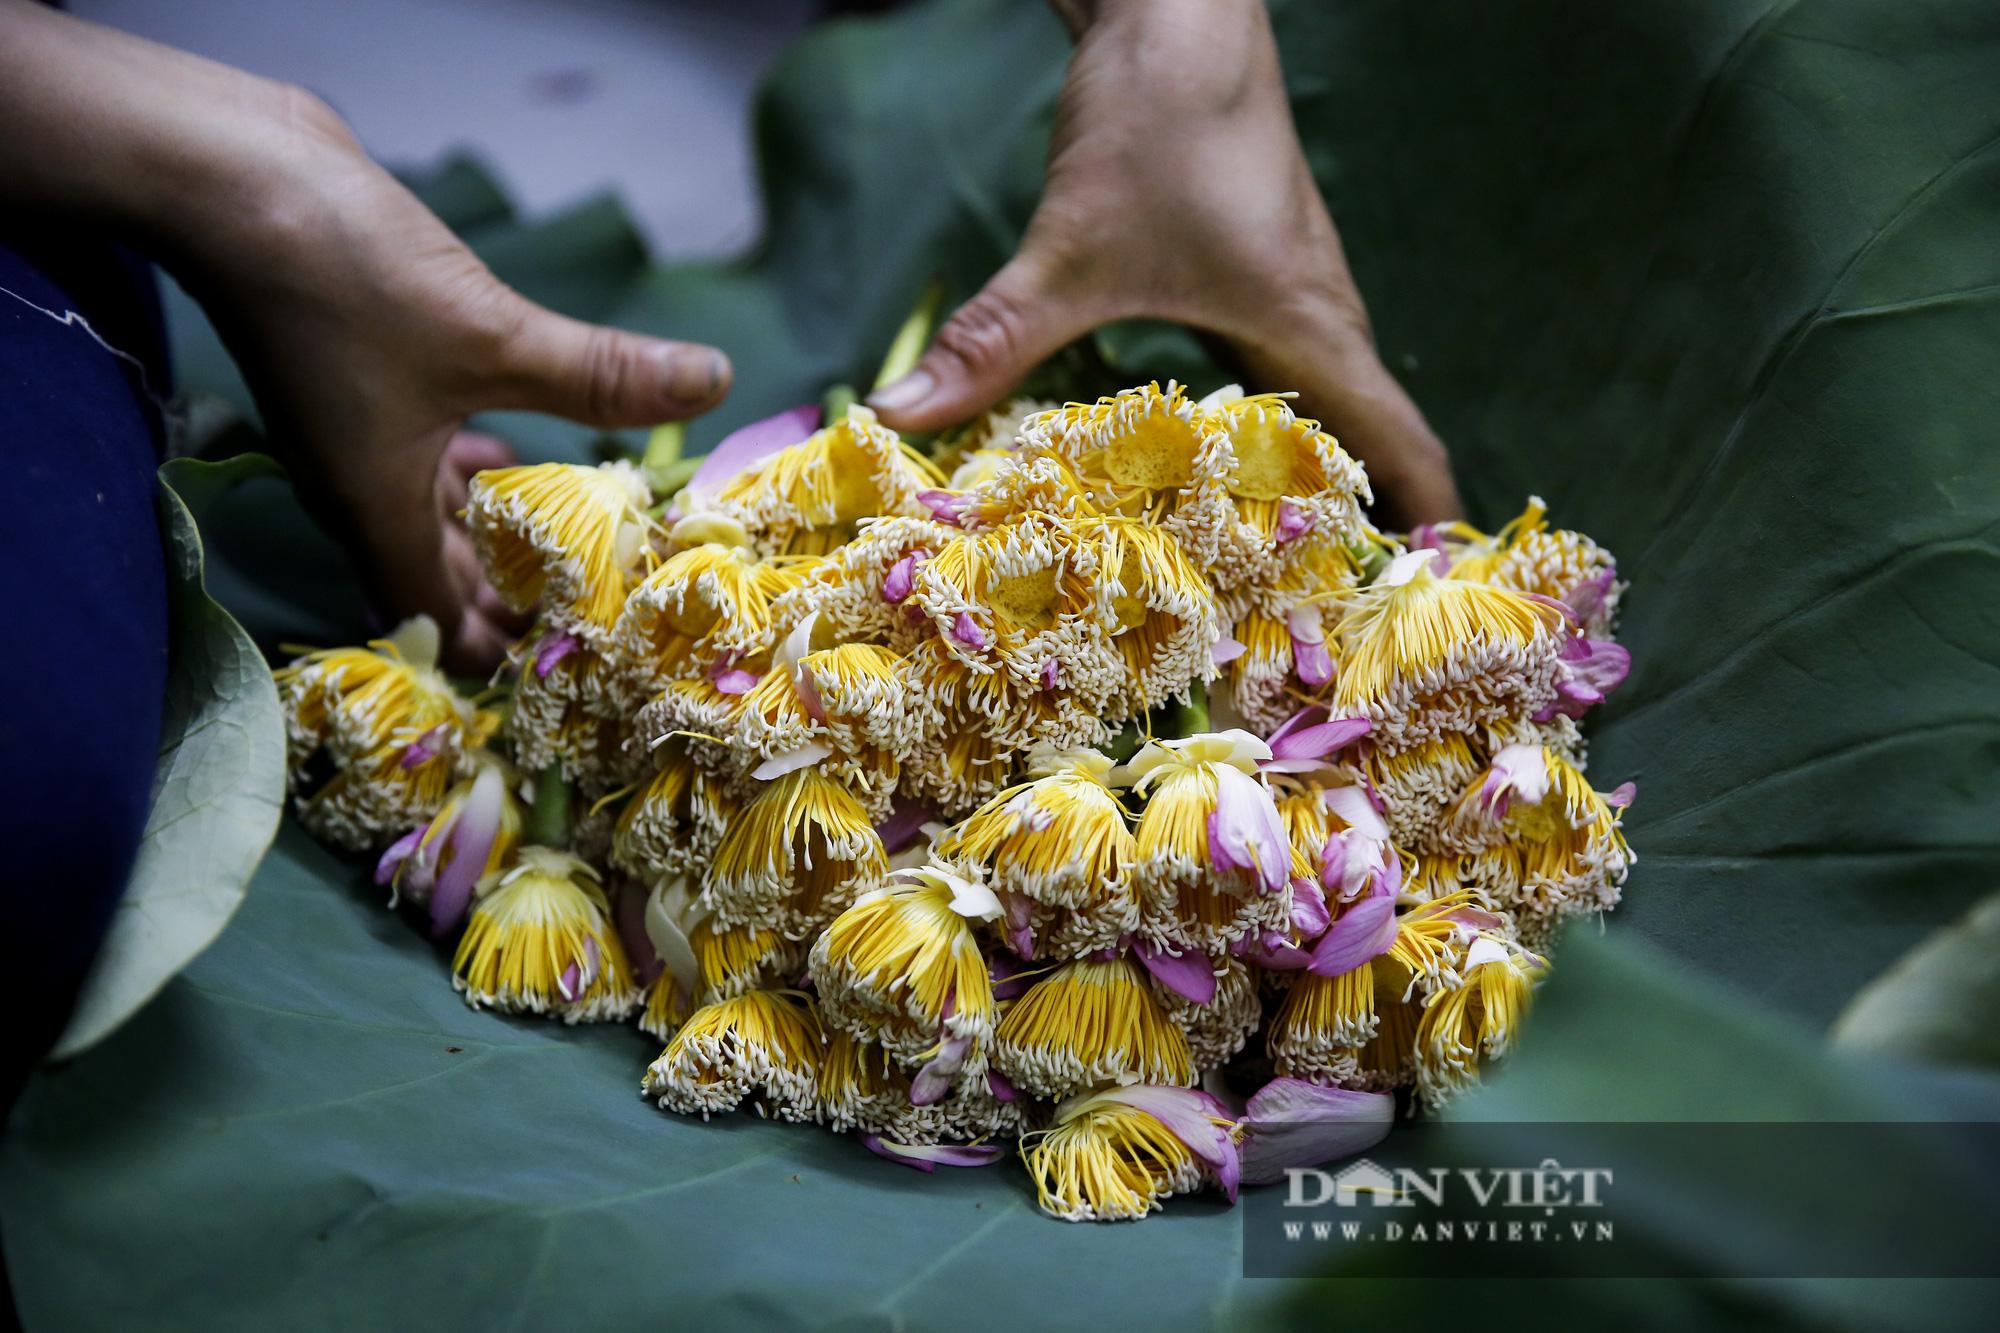 Tận mắt xem quy trình ướp trà sen đắt nhất Việt Nam - Ảnh 7.